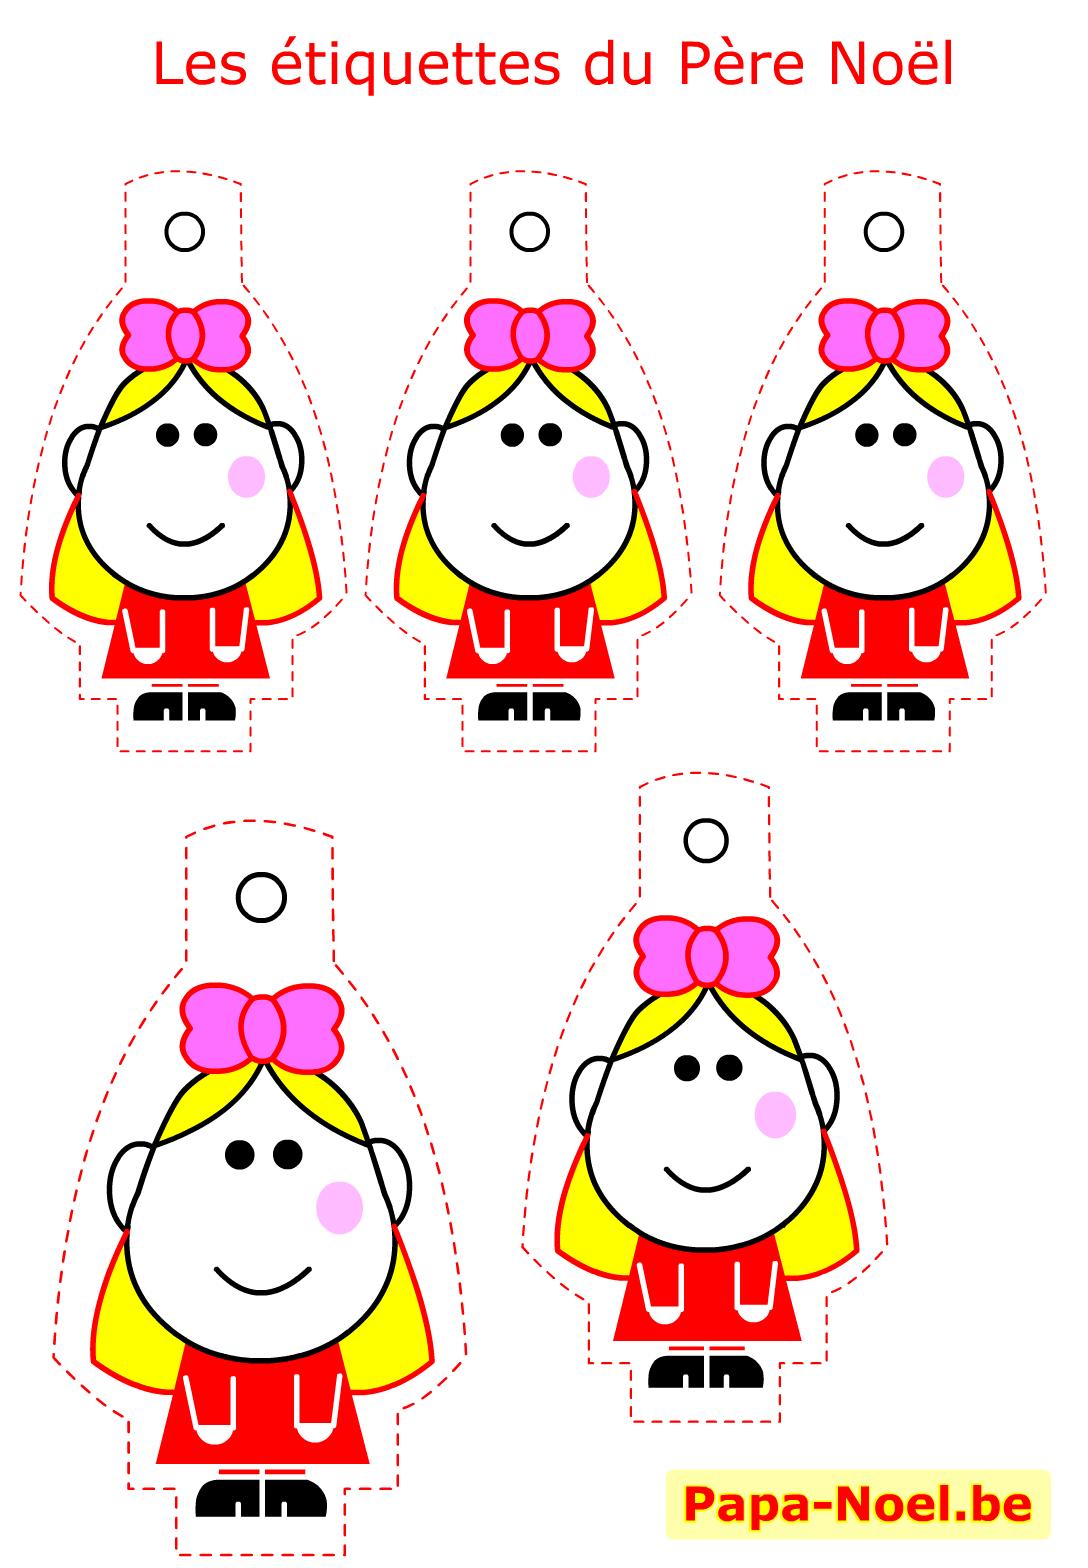 Etiquettes de noel a imprimer gratuites mod le fille pour cadeau pere noel cadeaux creation - Etiquettes de noel gratuites ...